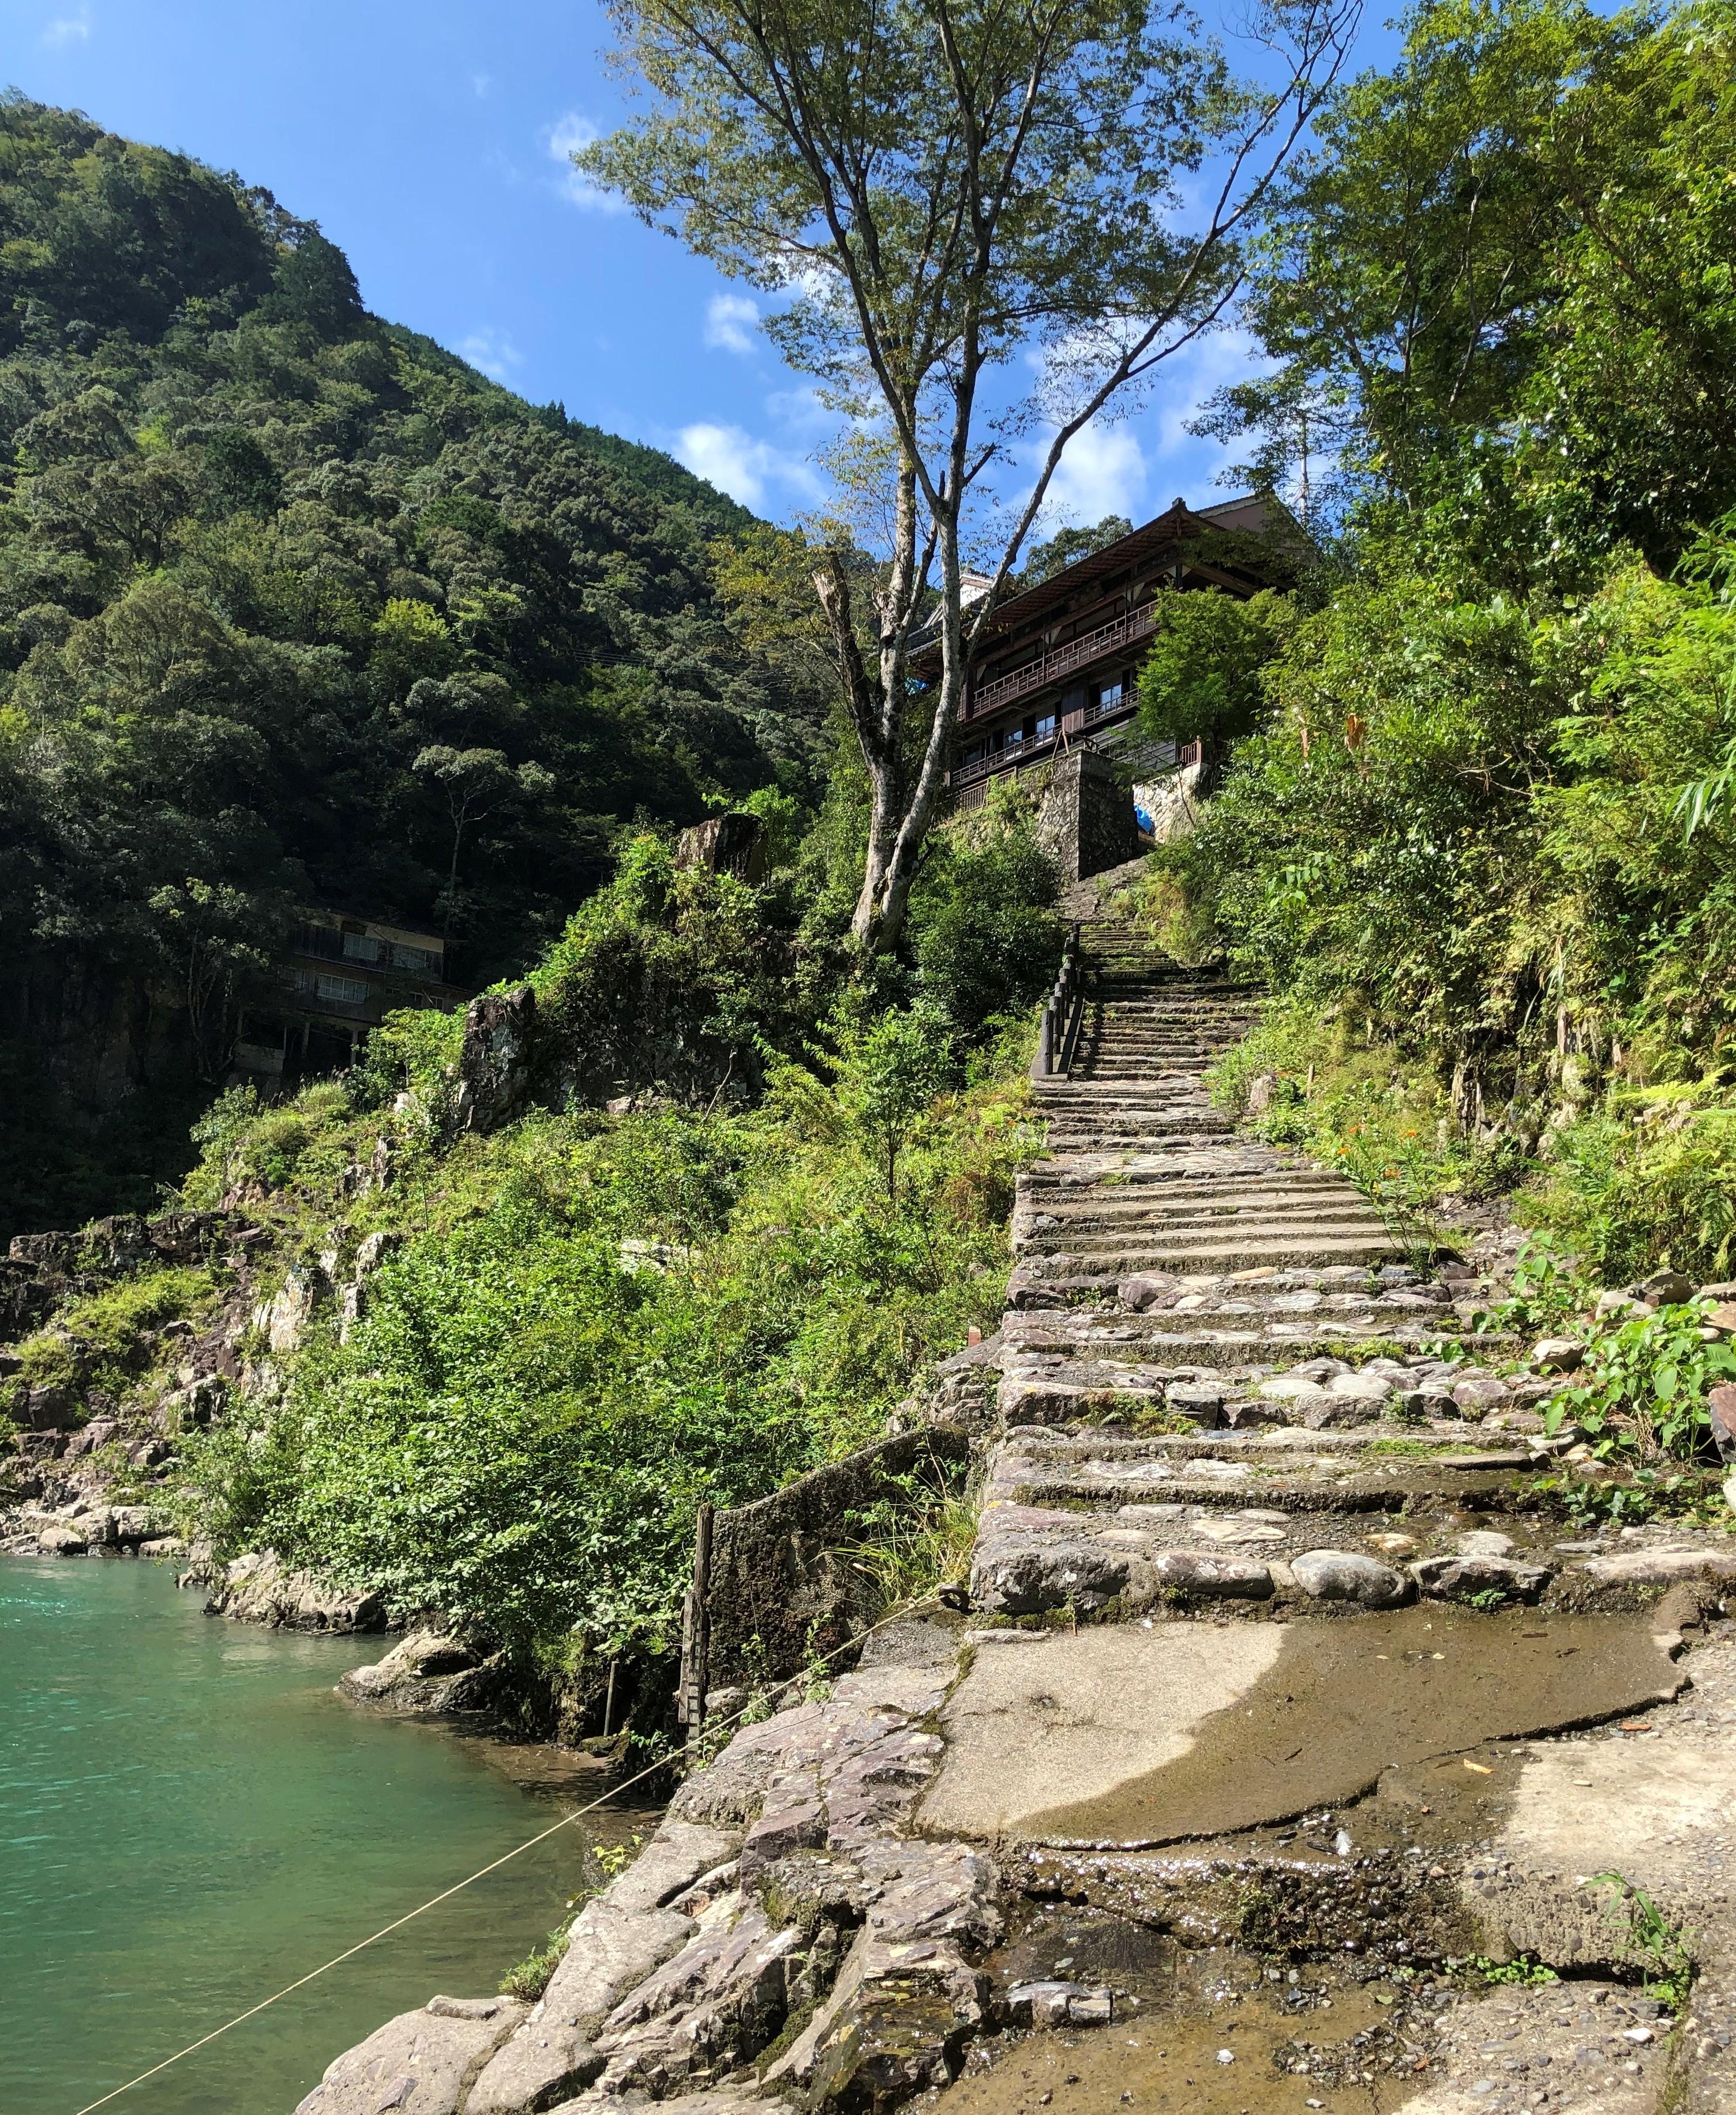 ぴーきち&ダイナ ハーレー で行く 十津川村 ツーリング 瀞峡